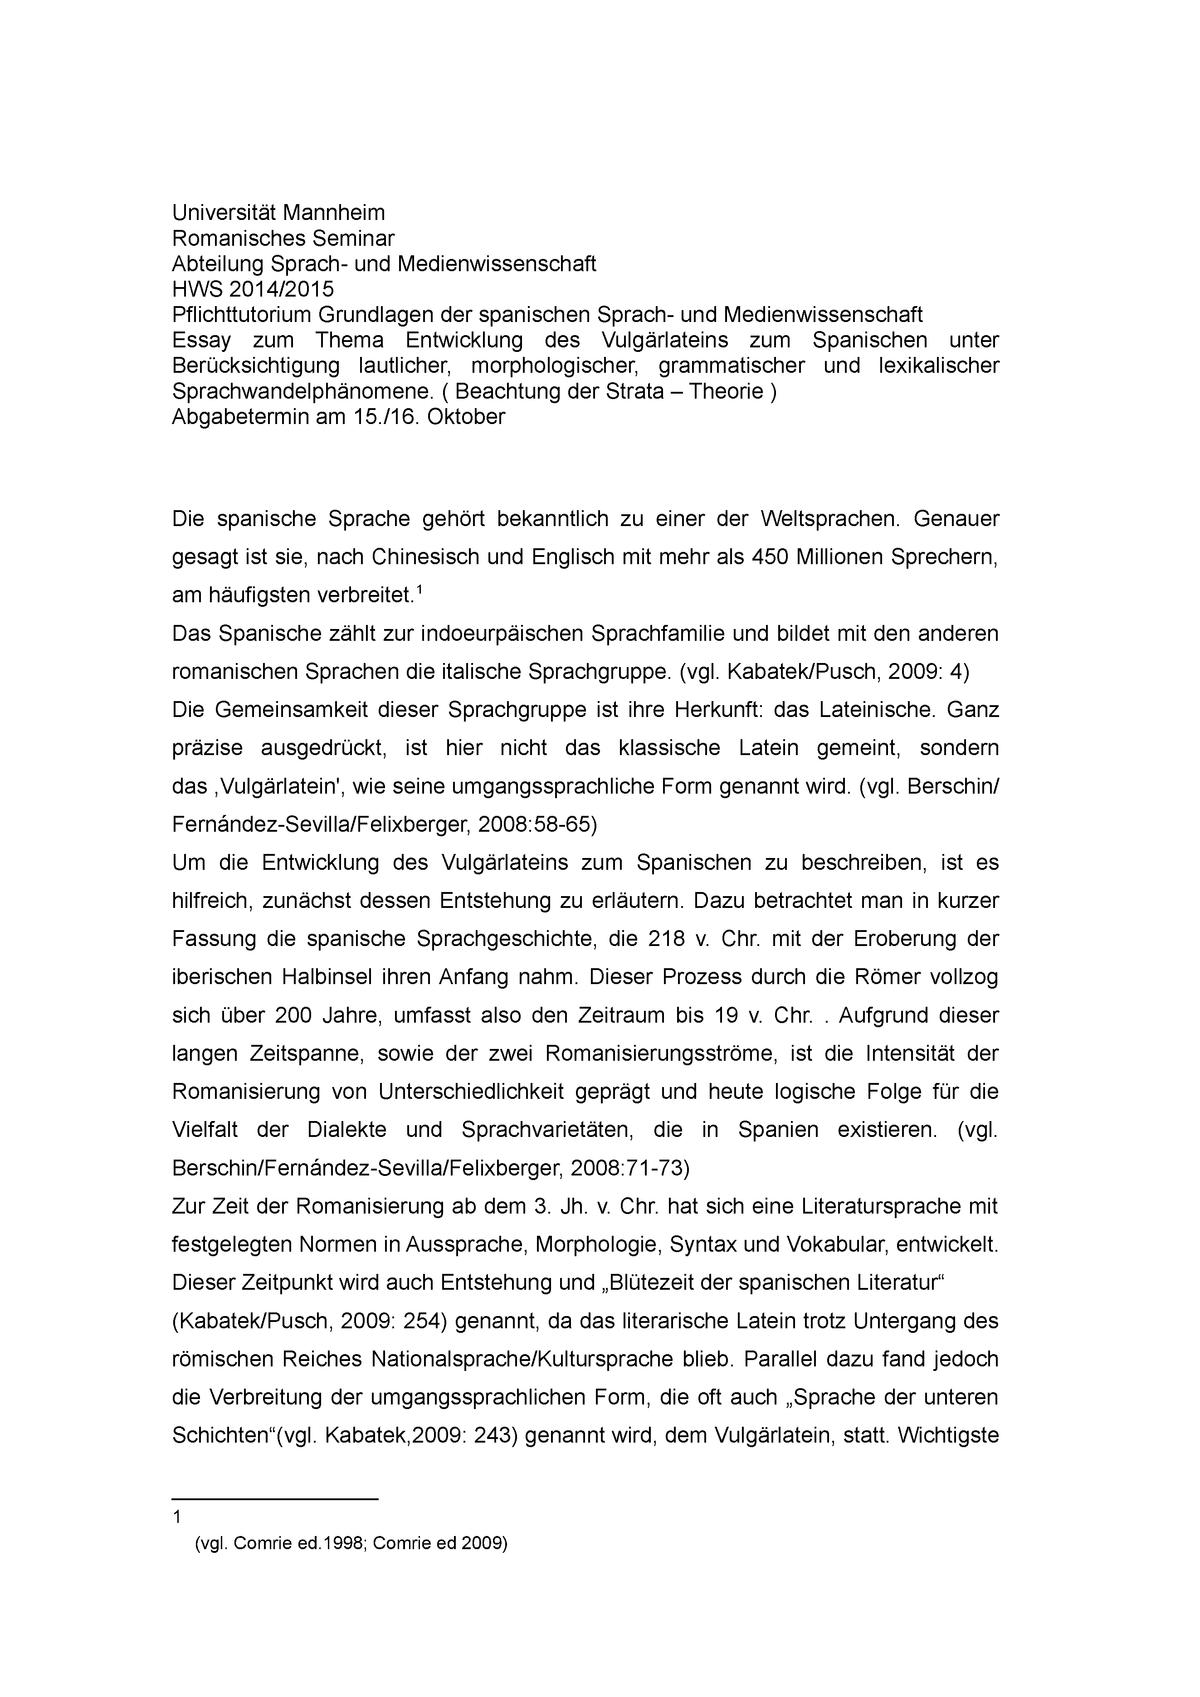 Cover letter for summer medical internship